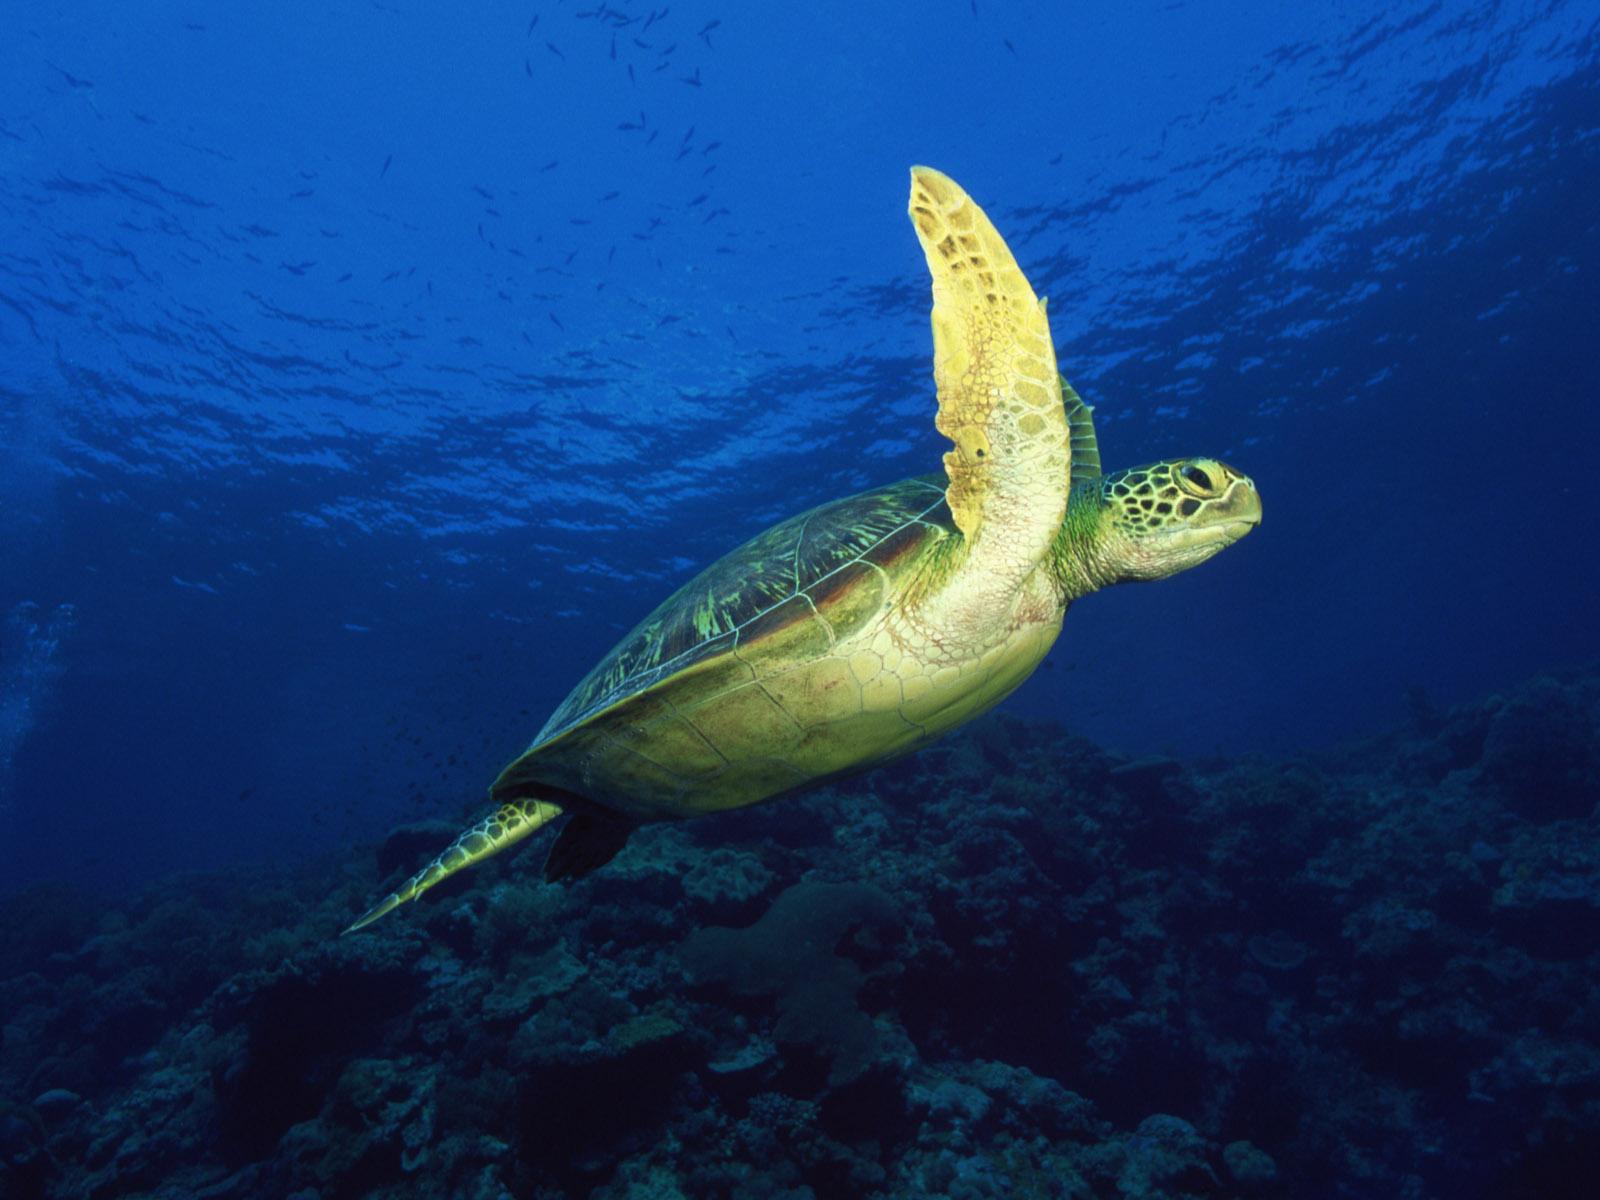 http://3.bp.blogspot.com/_xX6vPR3OQJw/S-QlFCeoNmI/AAAAAAAABCg/gN7o_ytcAAs/s1600/Underwater+Wallpaper+%2804%29.jpg